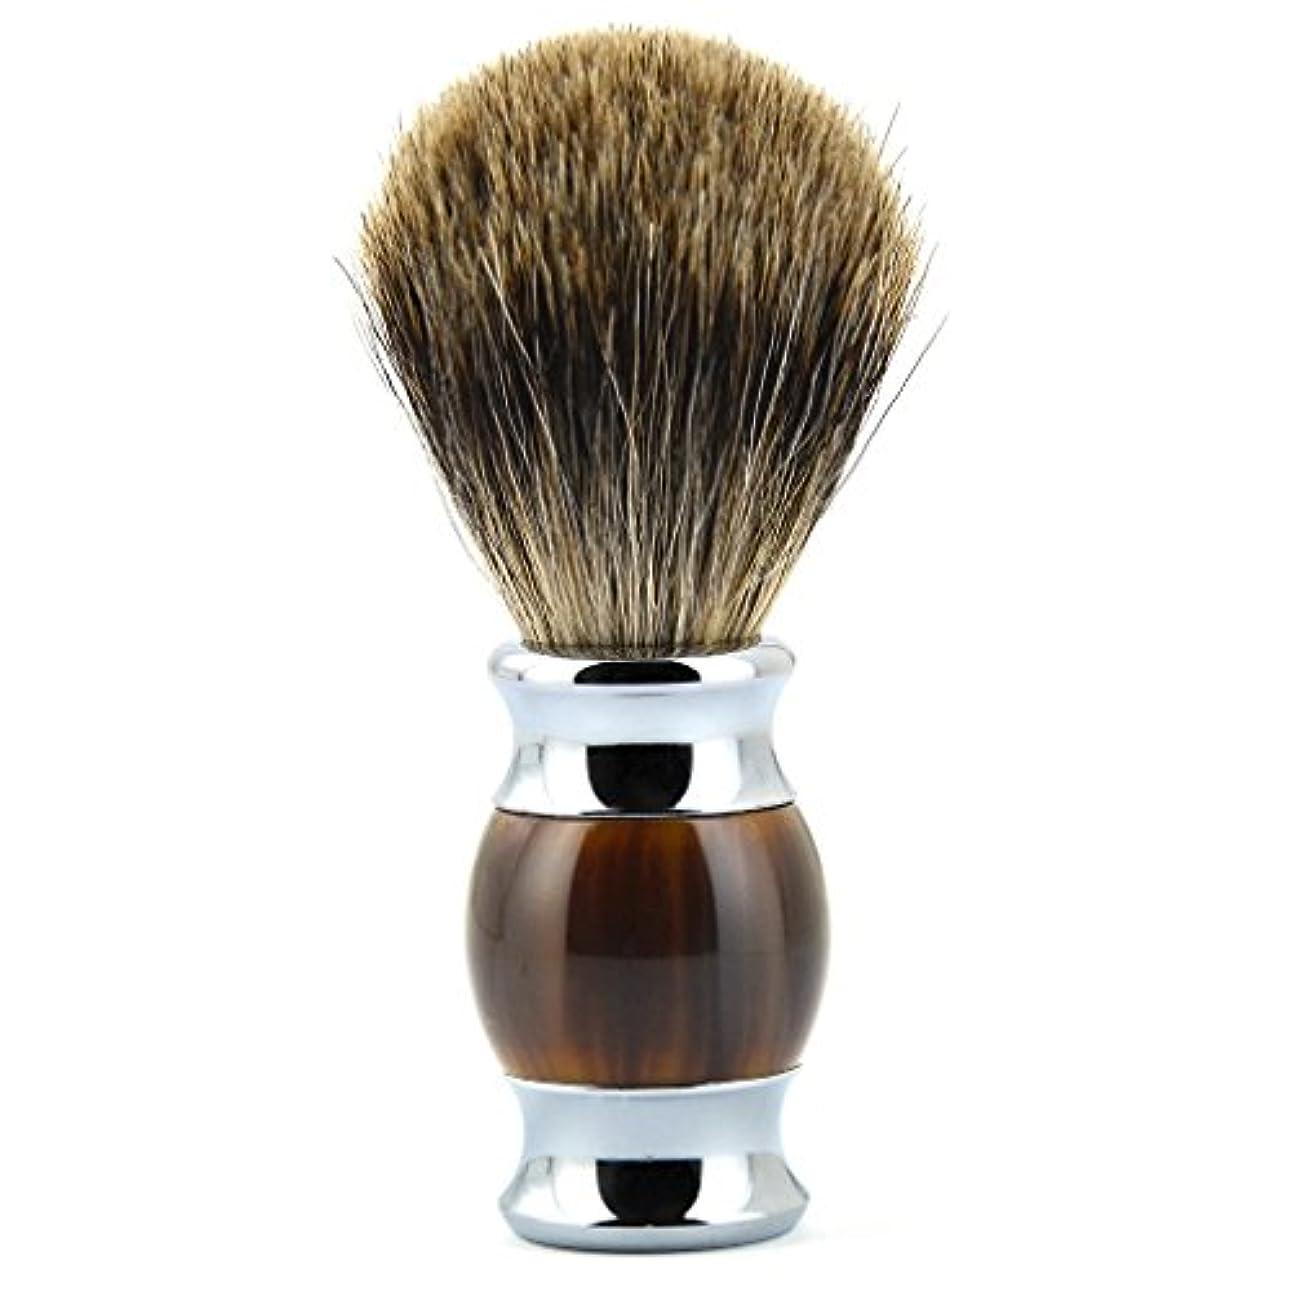 サイクロプス夜明けに含むTopFires ひげブラシ シェービング ブラシ シェービング用ブラシ メンズ 100% アナグマ毛 理容 洗顔 髭剃り 泡立ち